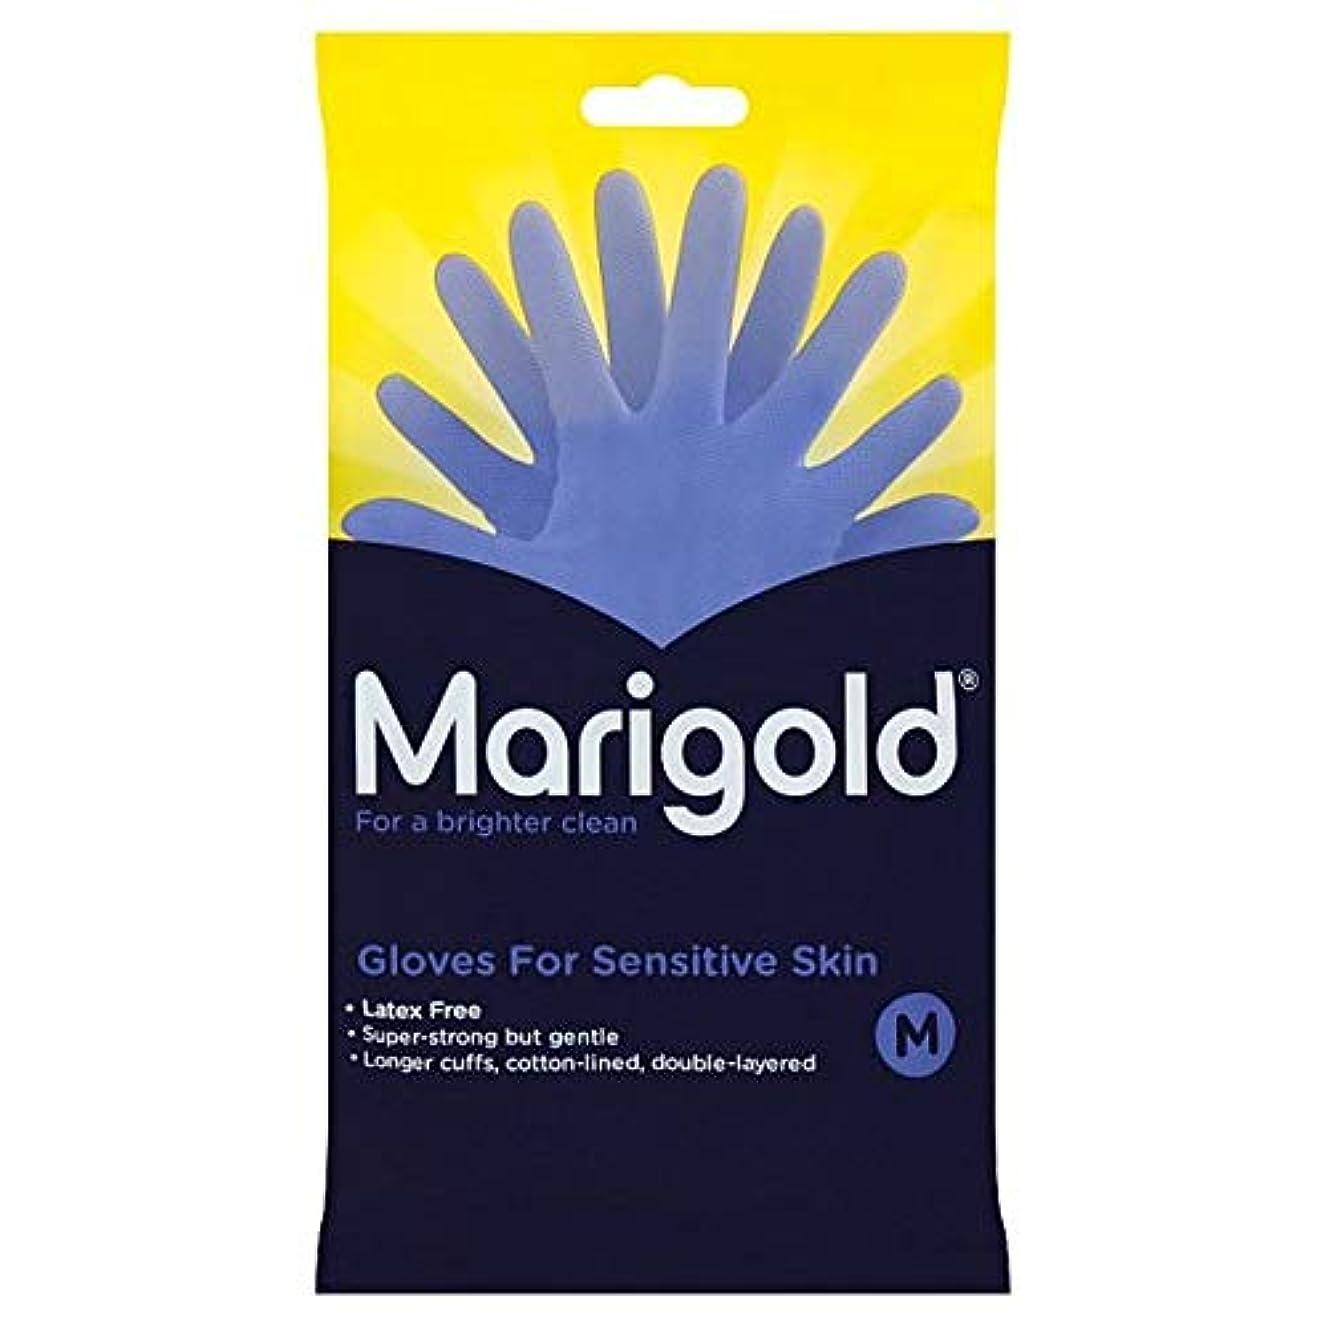 爬虫類悪の気付く[Marigold] マリーゴールド敏感手袋媒体1ペア - Marigold Sensitive Gloves Medium 1 Pair [並行輸入品]